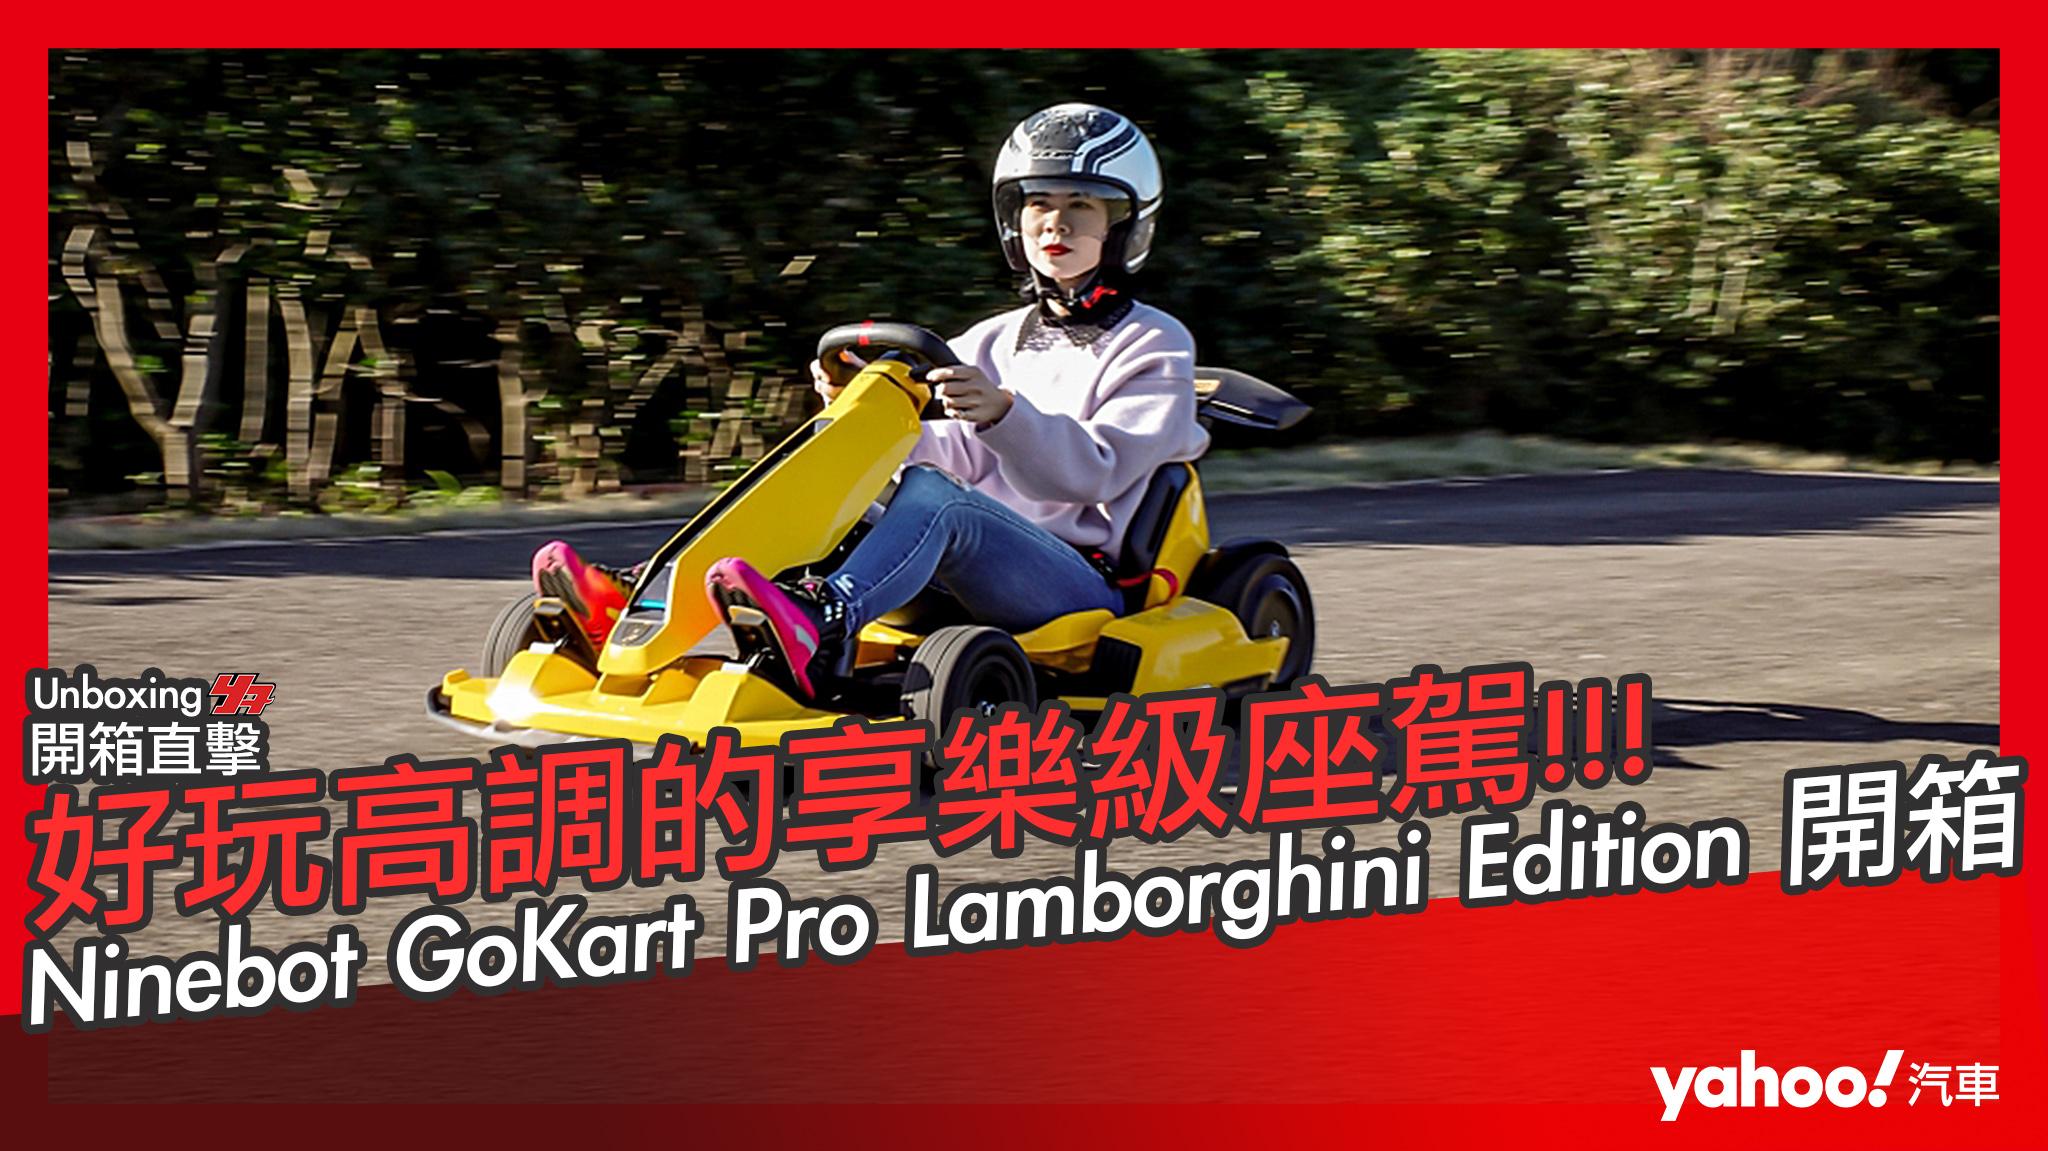 【開箱直擊】好玩又高調享樂級座駕!小米Ninebot GoKart Pro Lamborghini Edition電動卡丁車開箱!